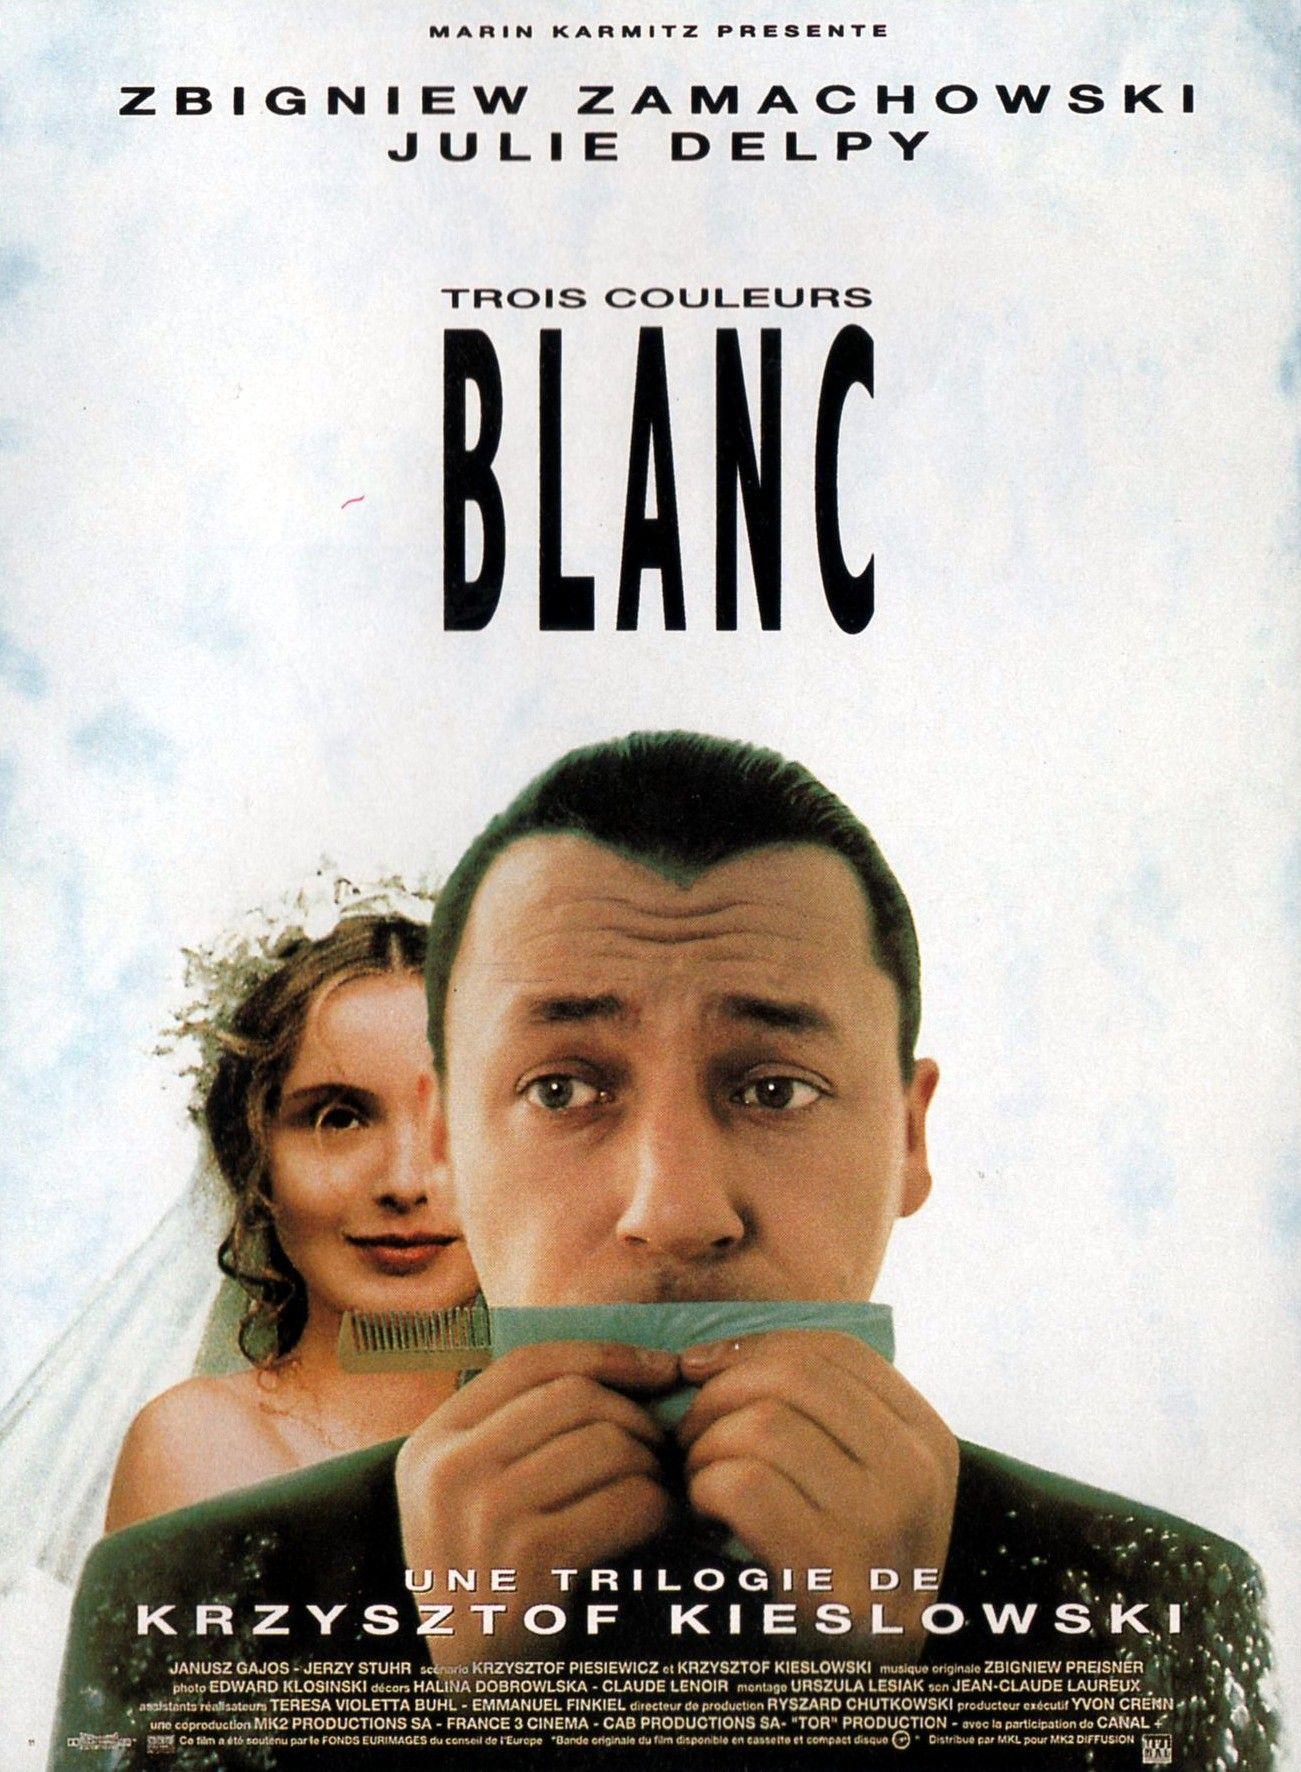 藍白紅三部曲之白 / Trois couleurs Blanc (1994) 平等, 映画撮影, 映画